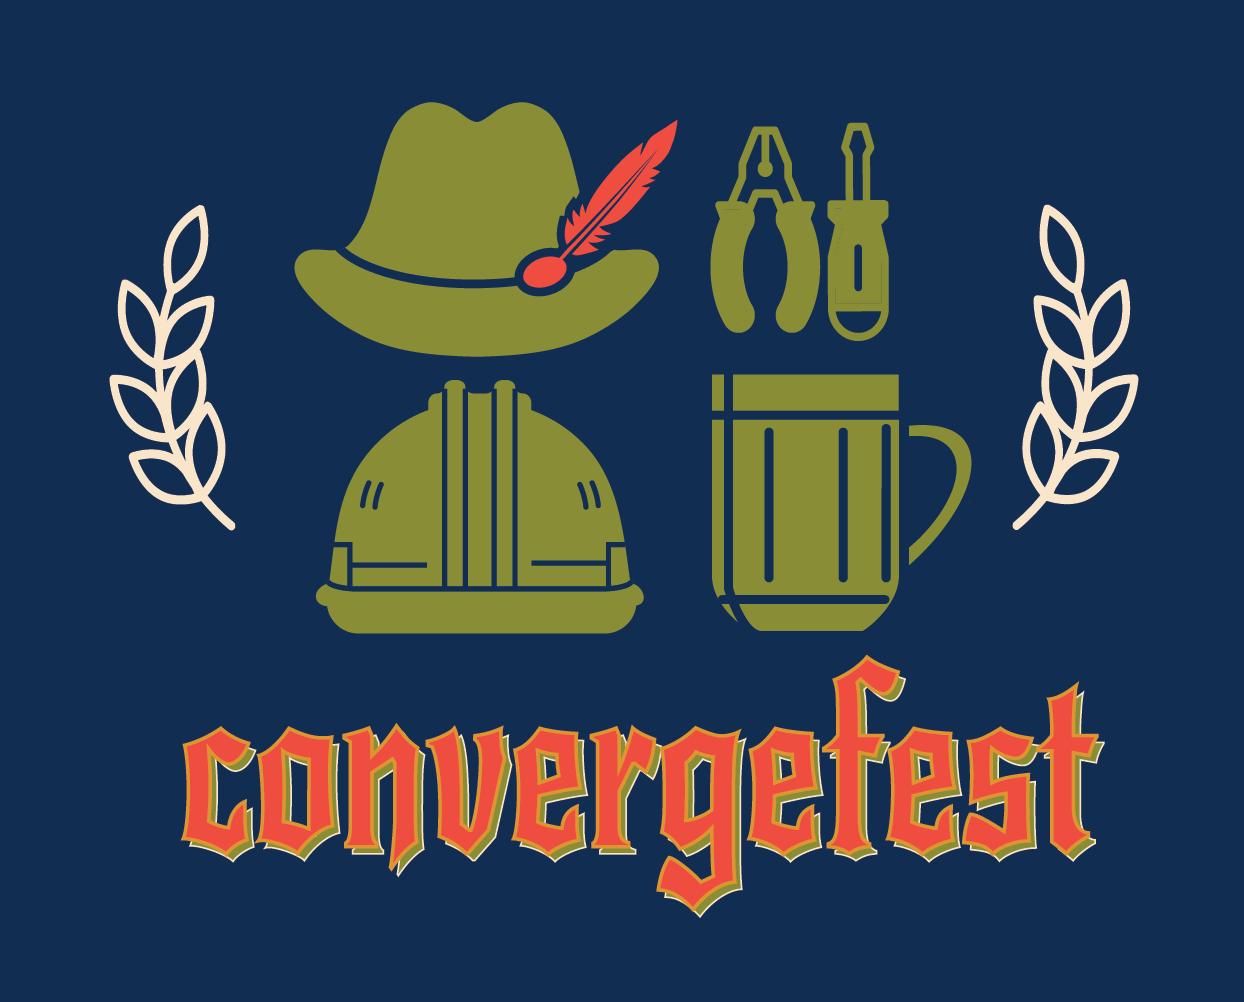 Convergefest full image